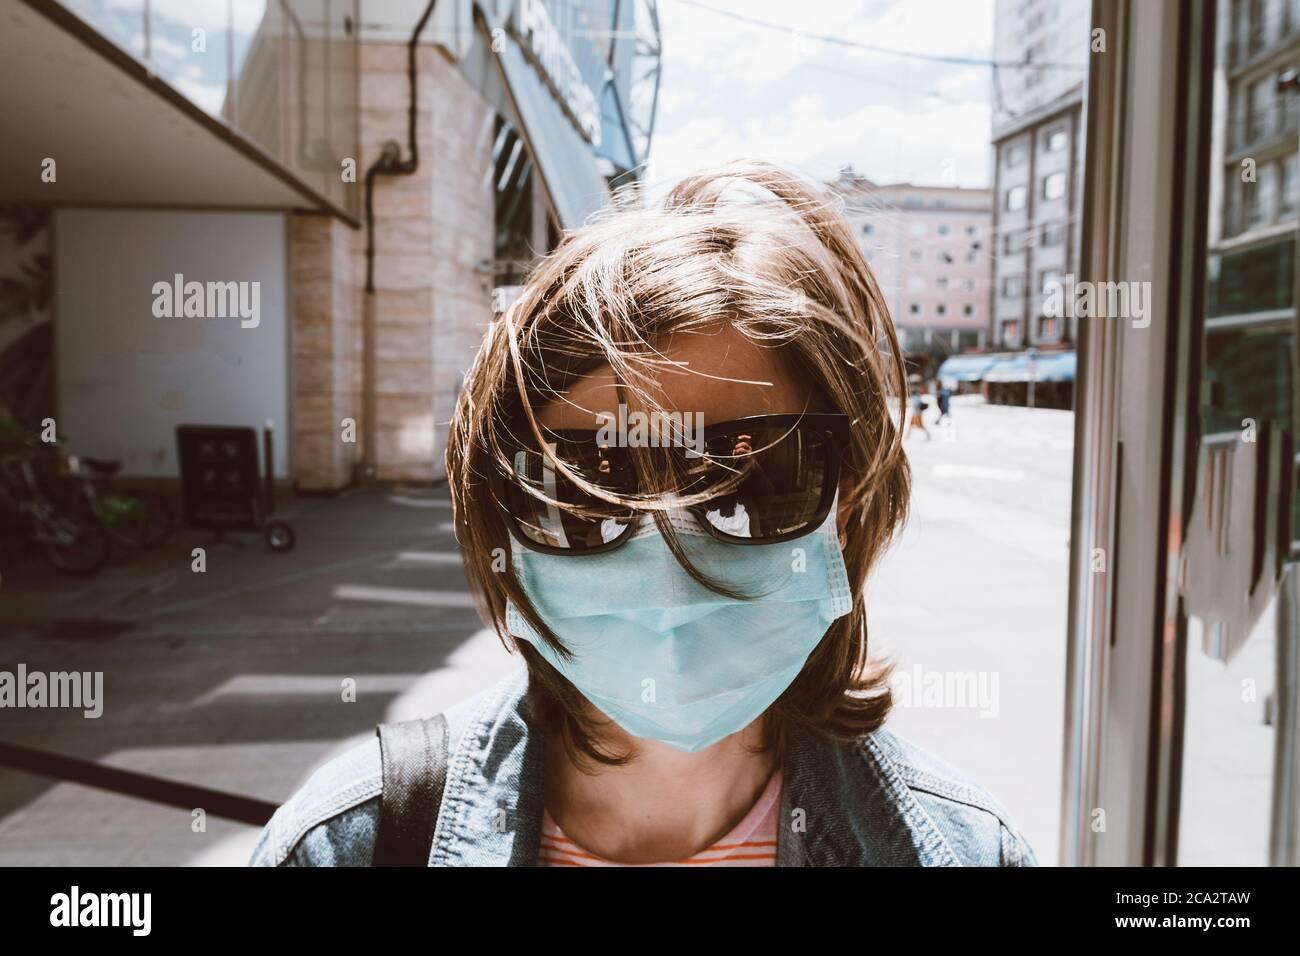 Frontansicht der Frau trägt Sonnenbrille und Atemschutzmaske in der leeren Stadt während COVID Coronavirus-Krankheit Pandemie Stockfoto